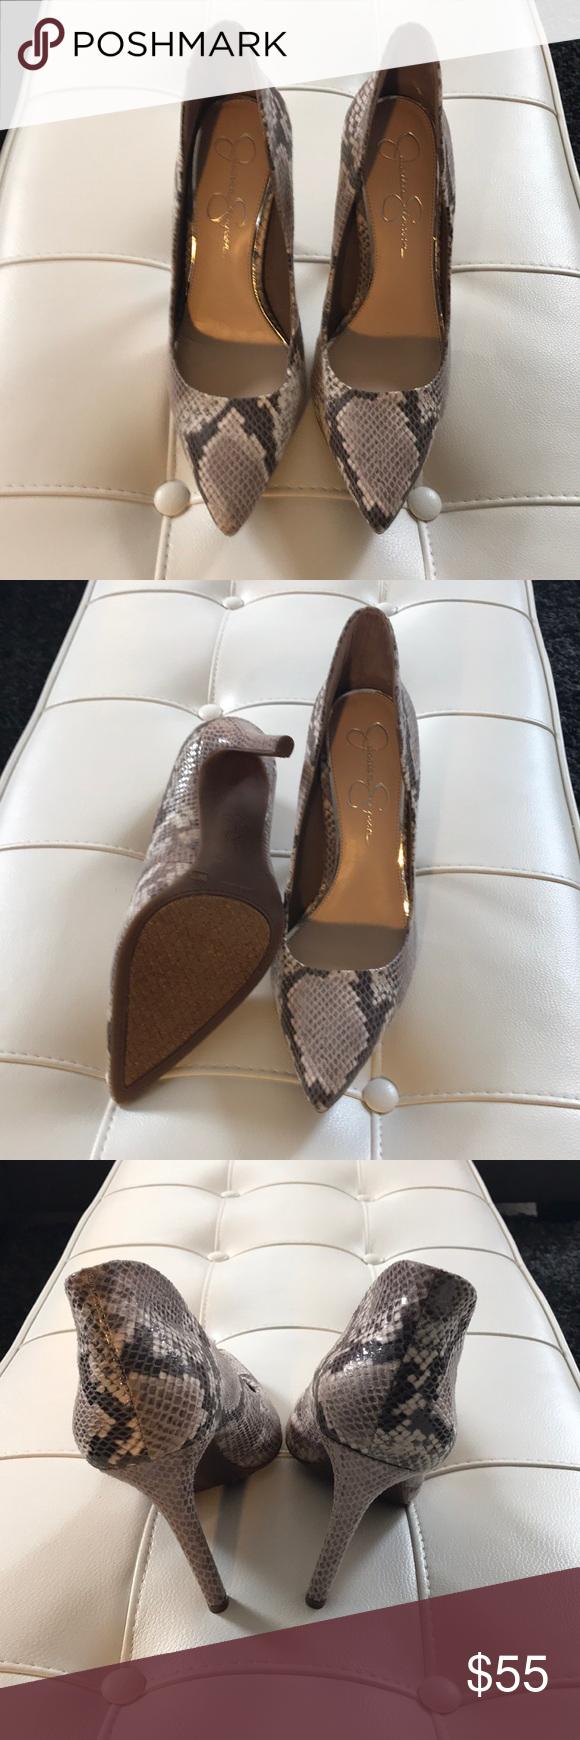 Jessica Simpson Women's Heels | Heels